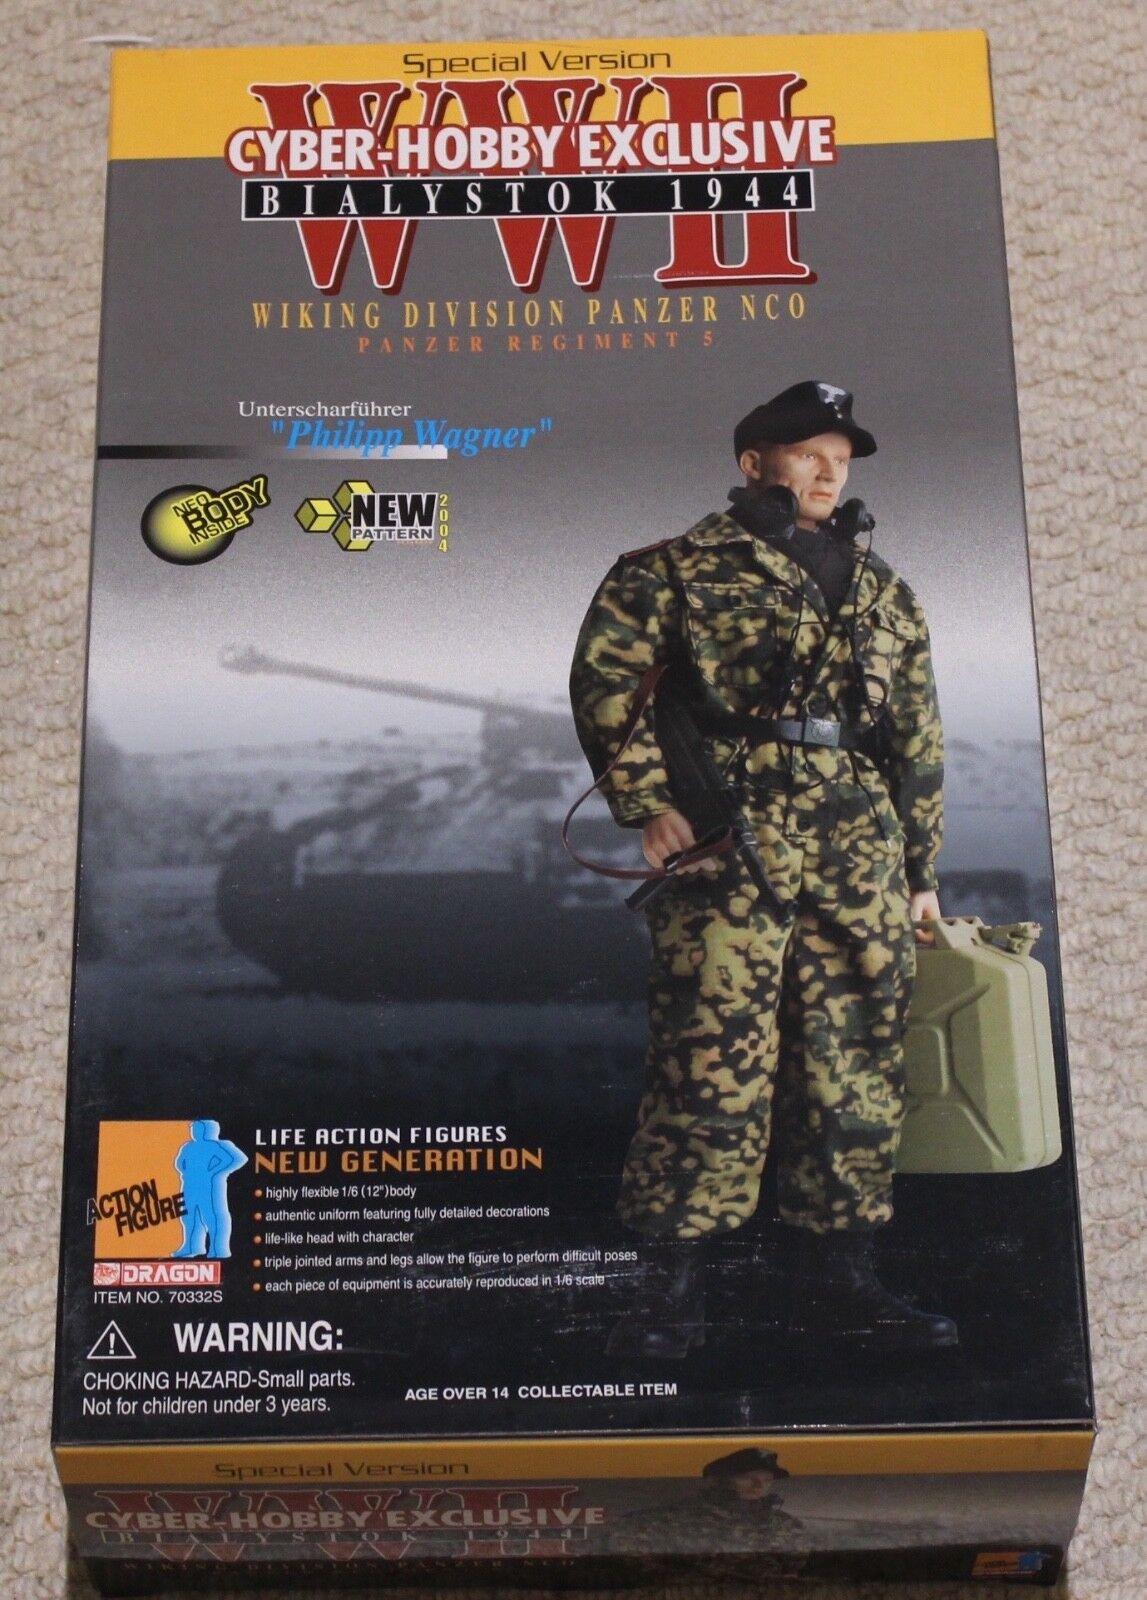 Dragon azione cifra 1 6 ww11 Tedesco Cisterna Wagner  12  in scatola ha fatto Cyber caliente giocattolo  sconto online di vendita